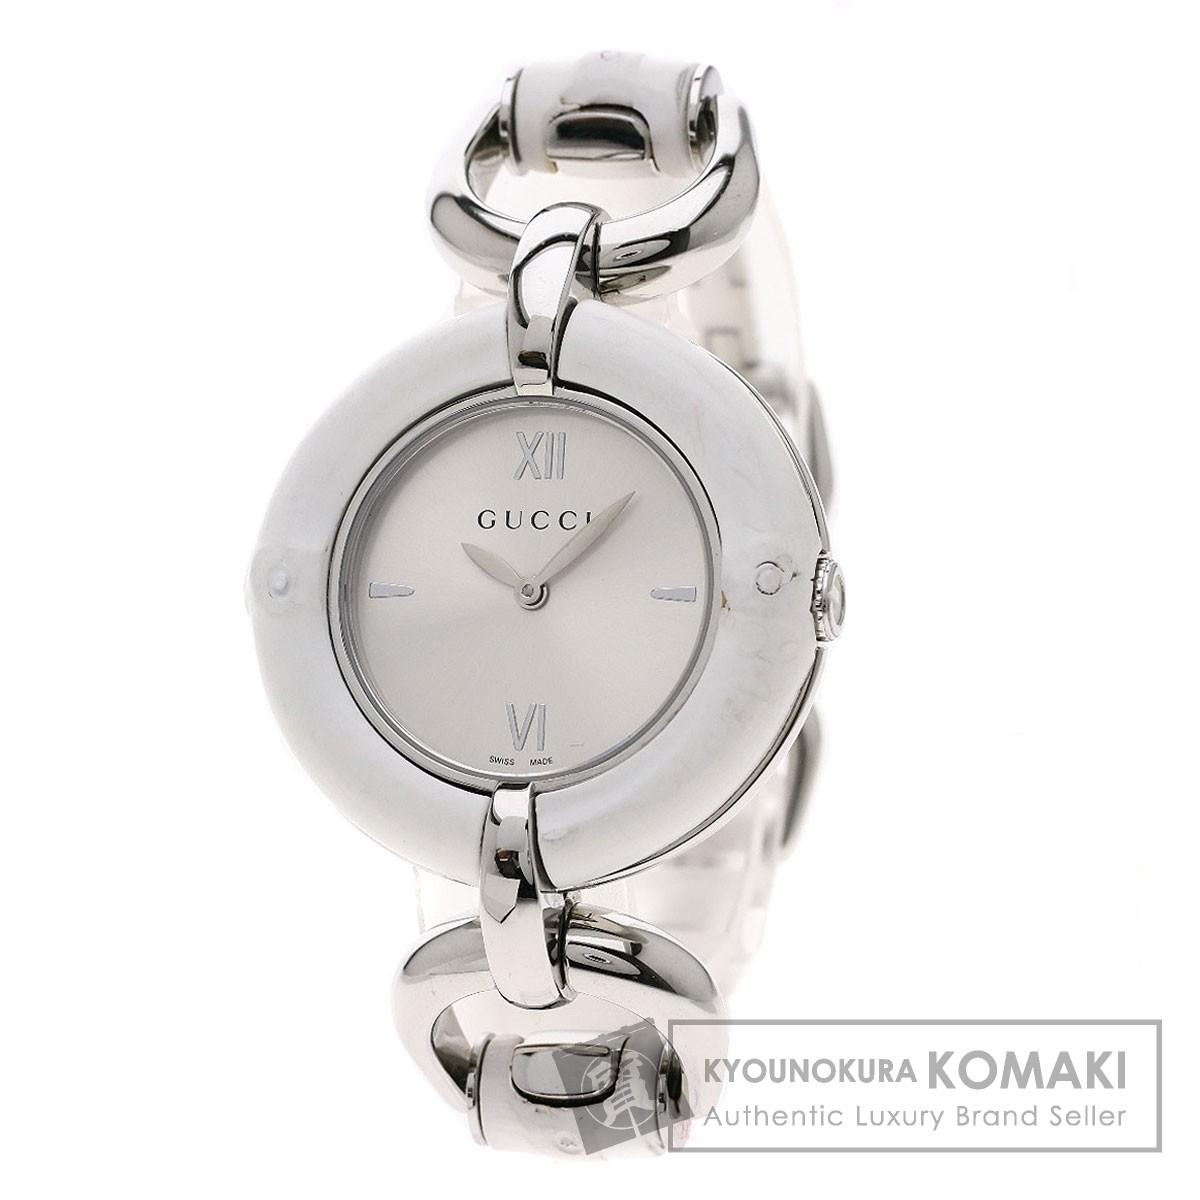 グッチ YA132.4 バンブーウォッチ 腕時計 ステンレススチール/SS レディース 【中古】【GUCCI】